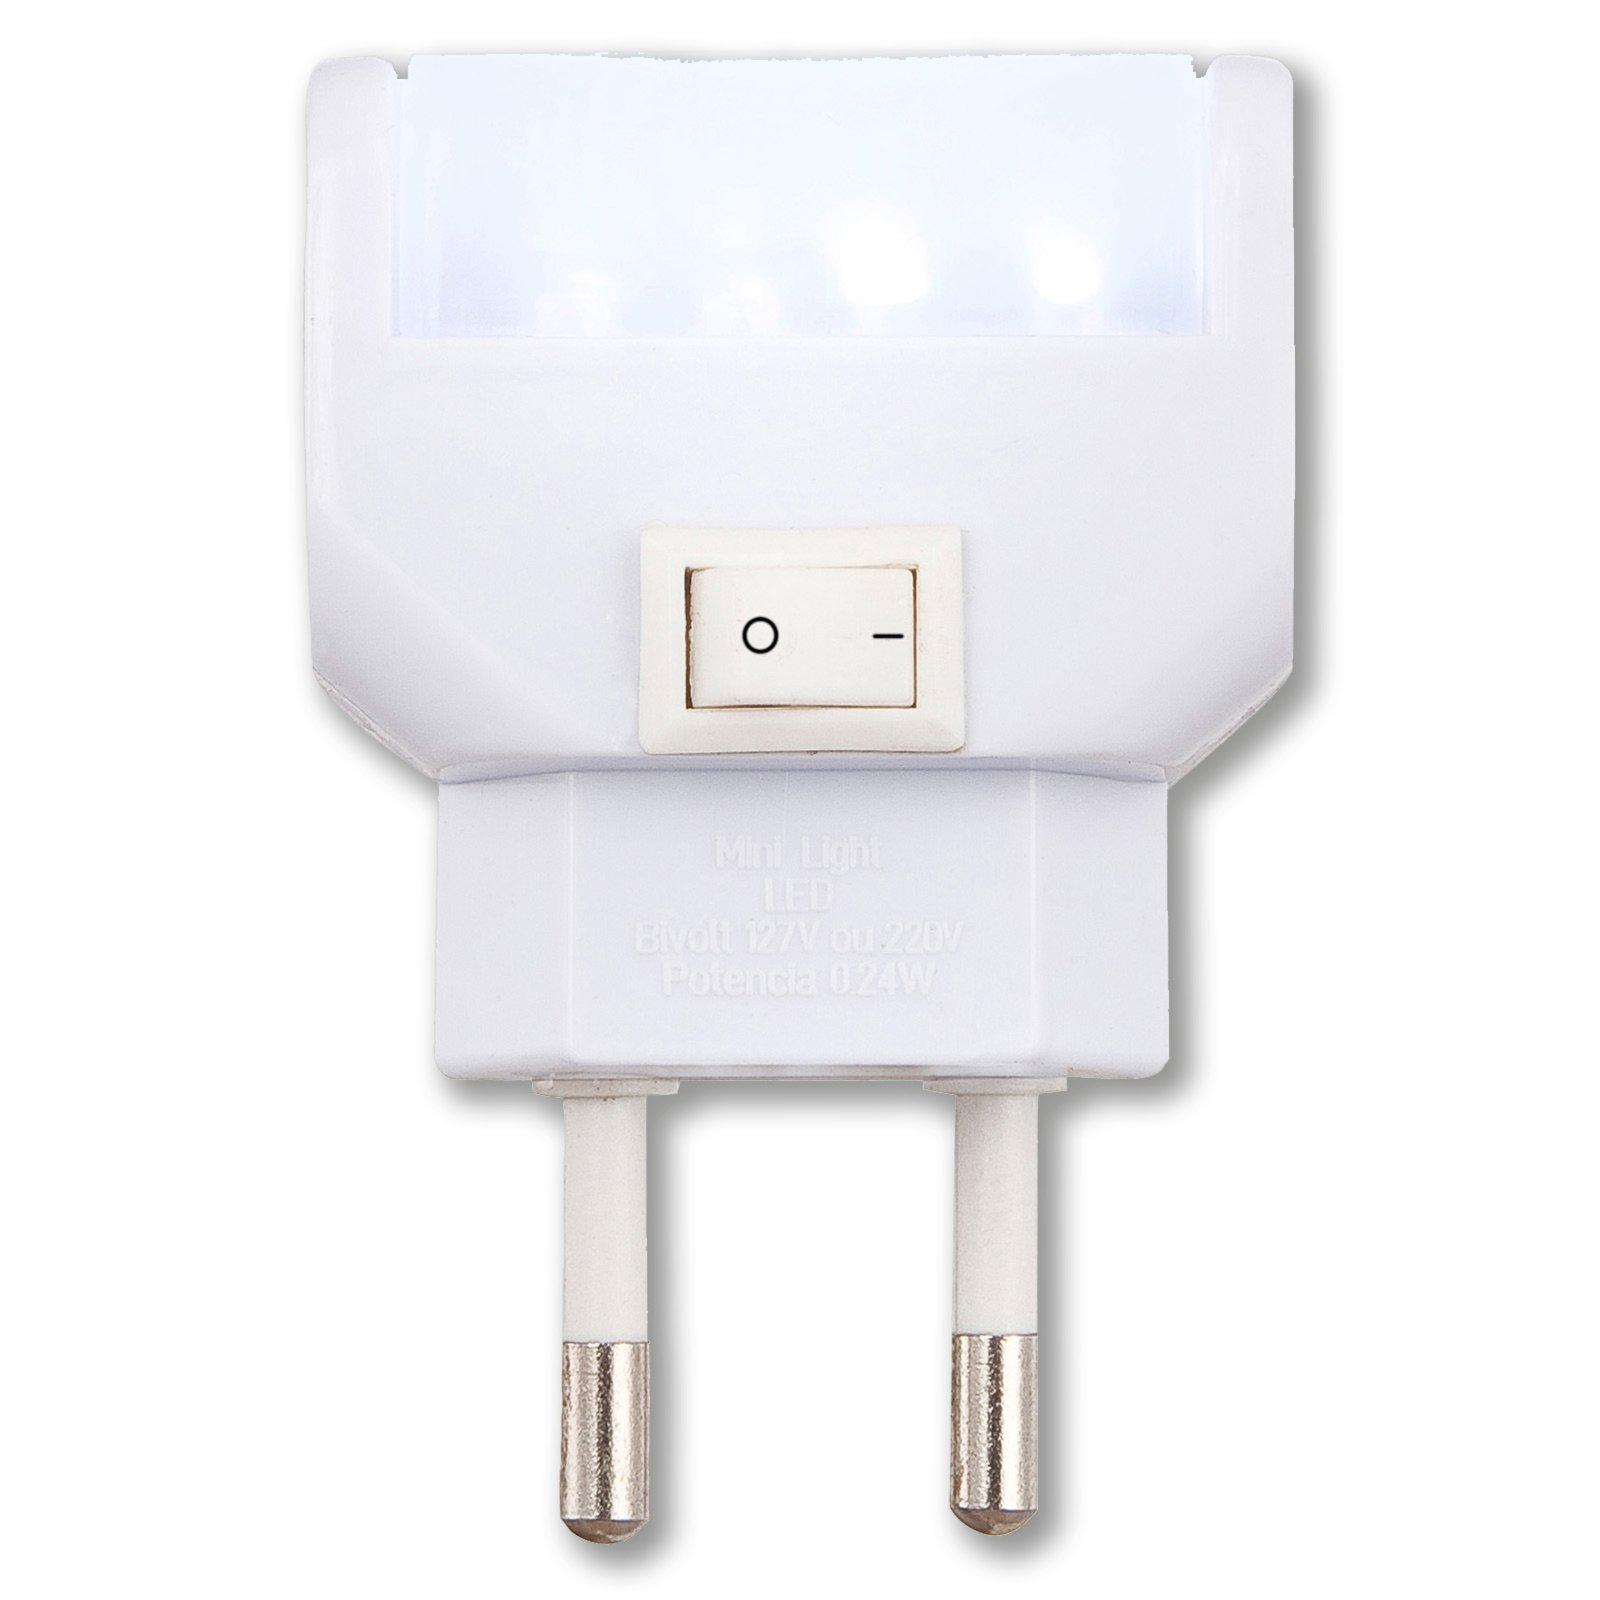 LED-Nachtlicht CHASER - tageslichtweiß - 14,5x30 cm